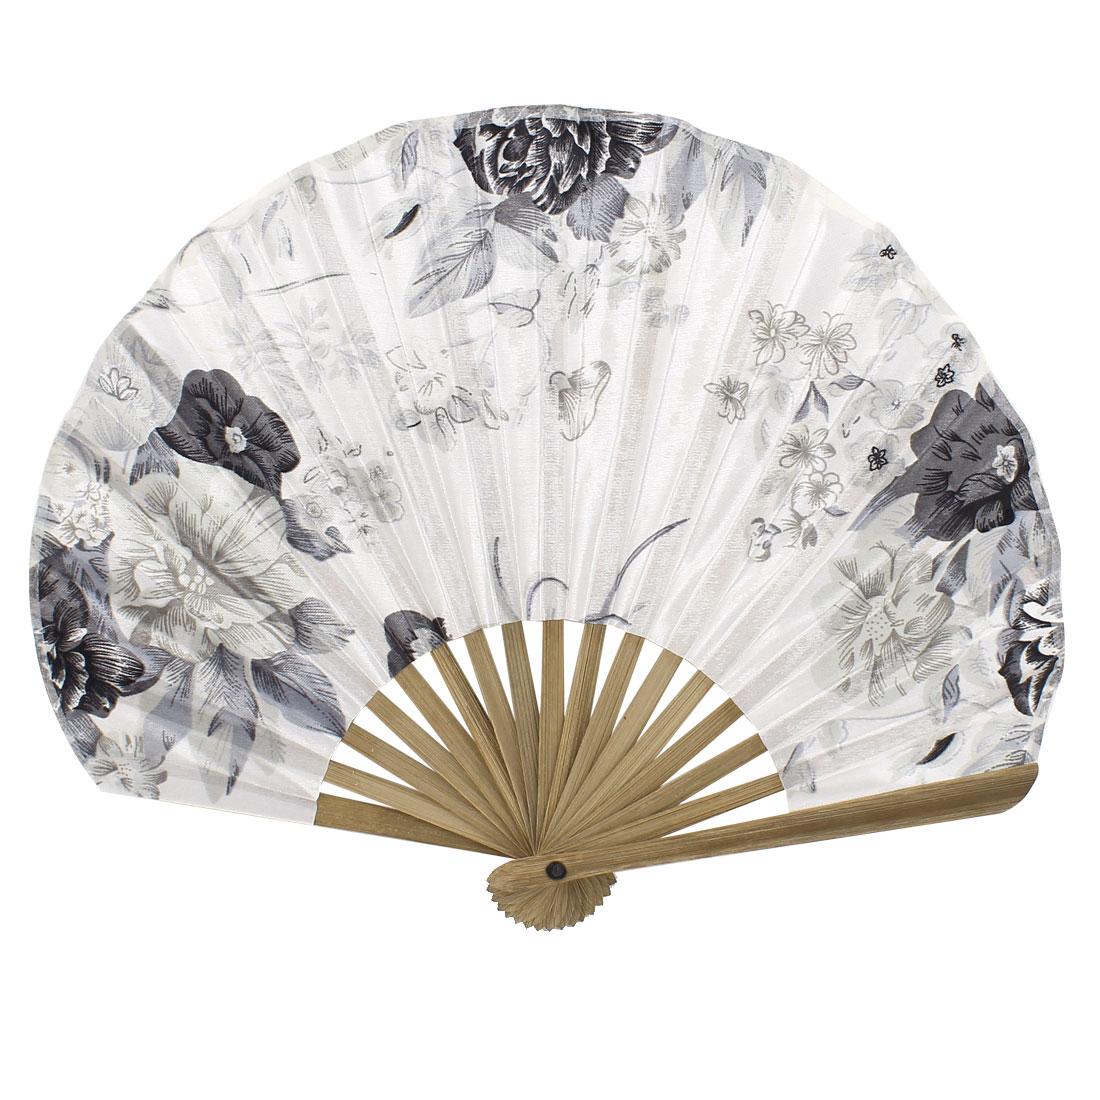 Seashell Design Bamboo Frame Flower Pattern Summer Foldable Hand Fan Light Gray